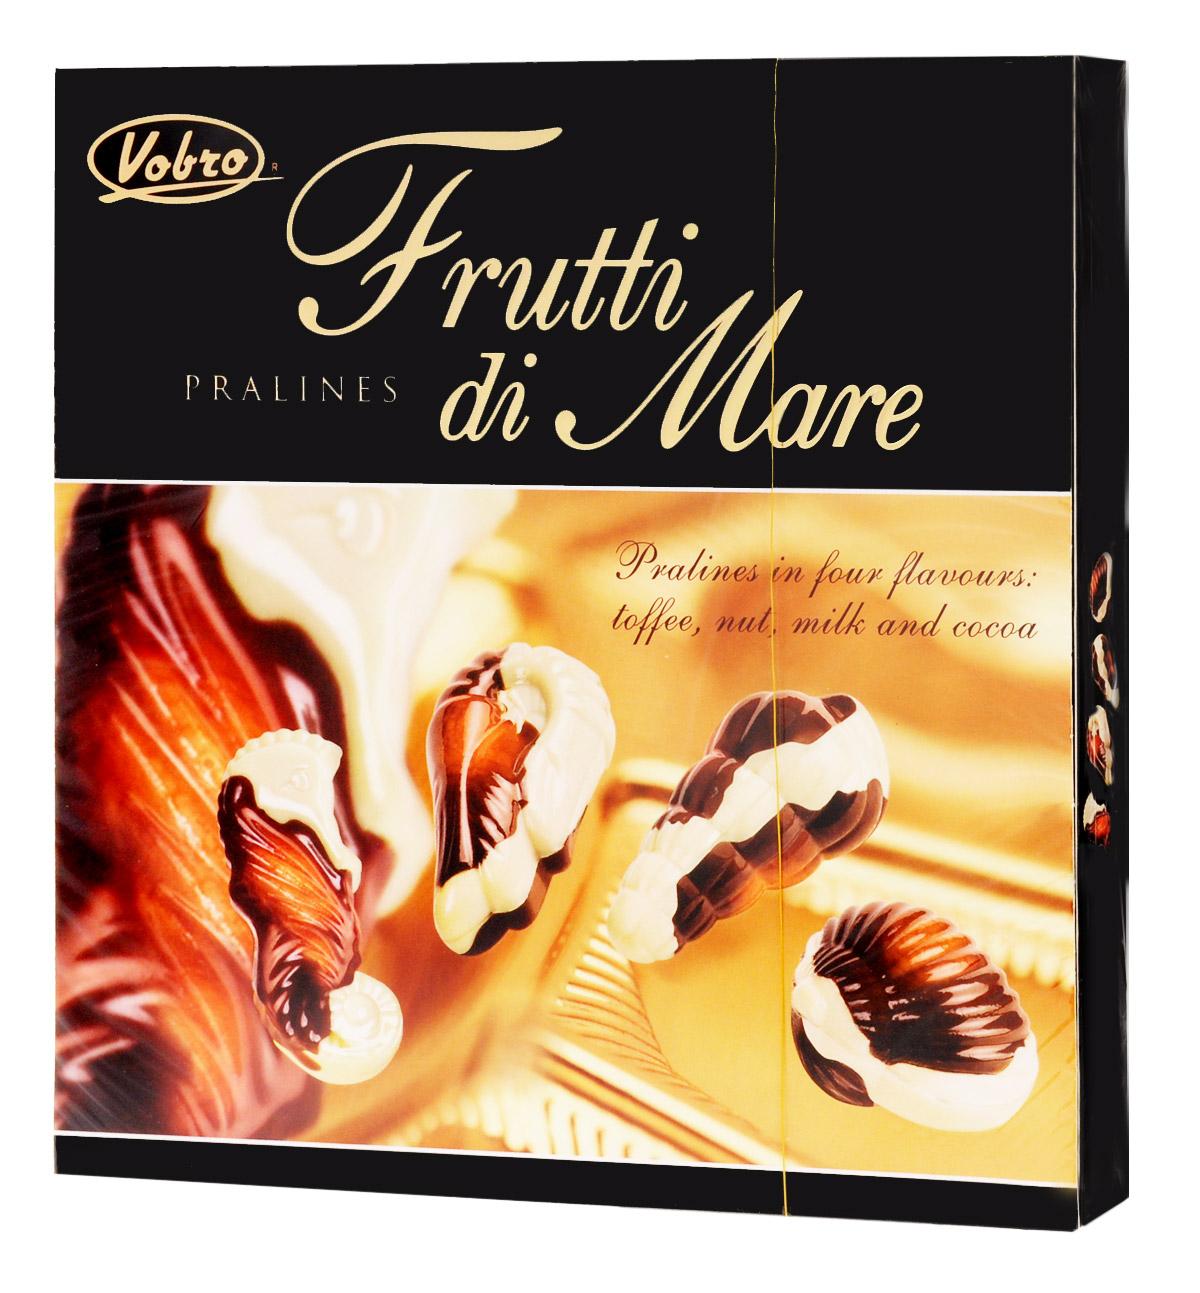 Vobro Frutti di Mare набор шоколадных конфет в виде морских ракушек, 250 г9351Уникальная форма и неповторимый вкус… Такими являются конфеты Vobro Frutti di Mare в виде морепродуктов. Прекрасная композиция белого и черного шоколада, и к тому же начинка 4 вкусов: какао, ореховый, молочный и тоффи.Vobro Frutti di Mare - это значимый подарок, с помощью которого легко показать, как сильно вам дорог человек.